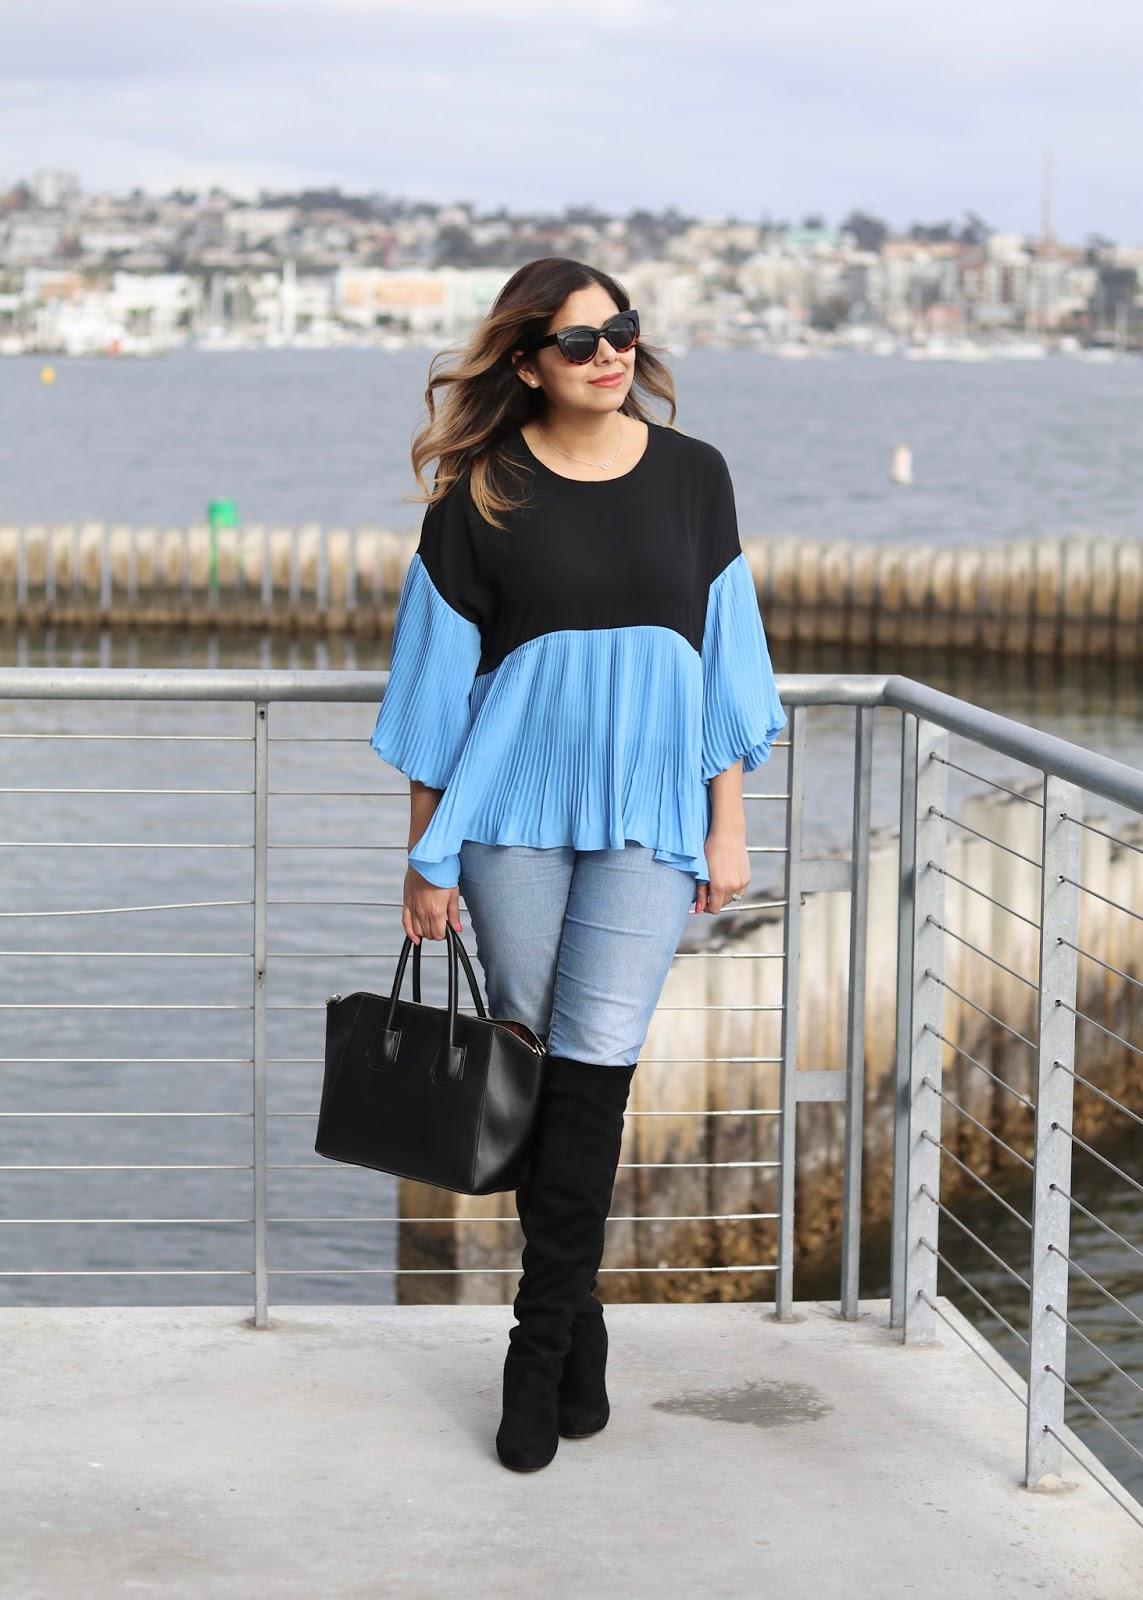 Chicwish Flowy Top, San Diego Fashion Blogger, San Diego style blogger